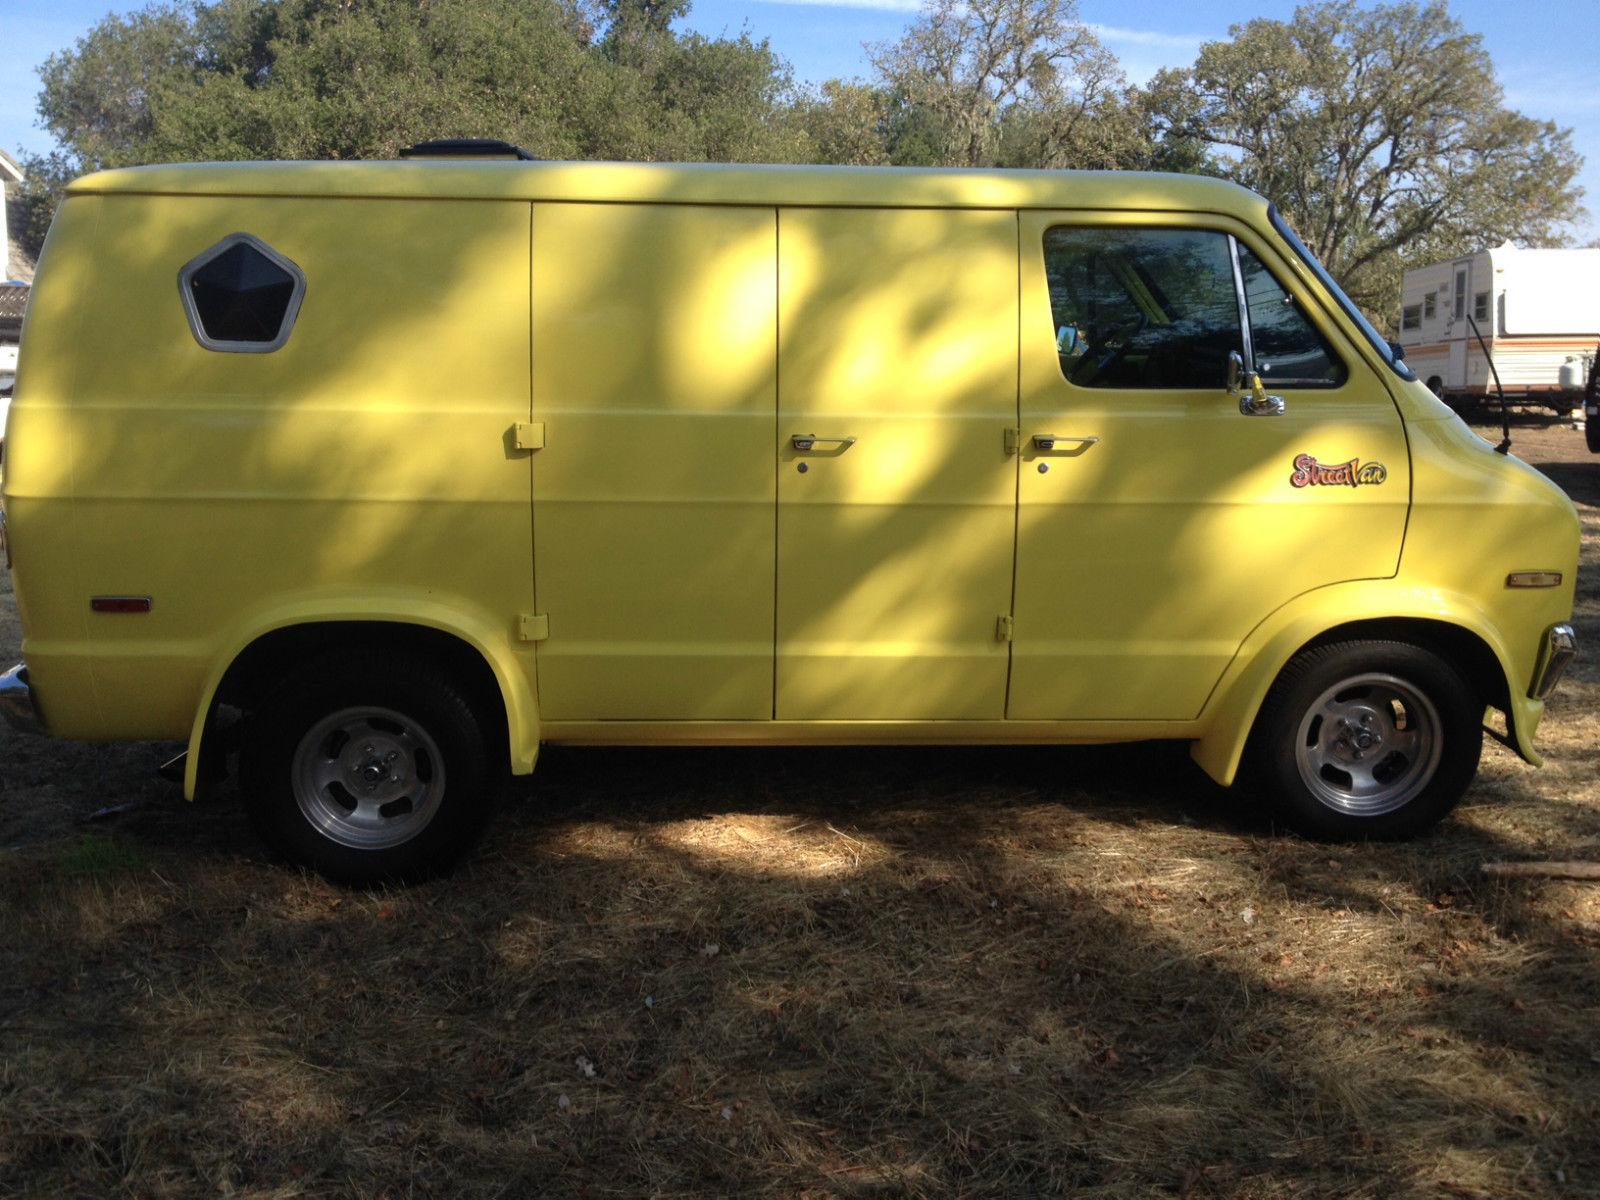 1977 Dodge Van Street Van Classic Cruiser Vintage Tradesman